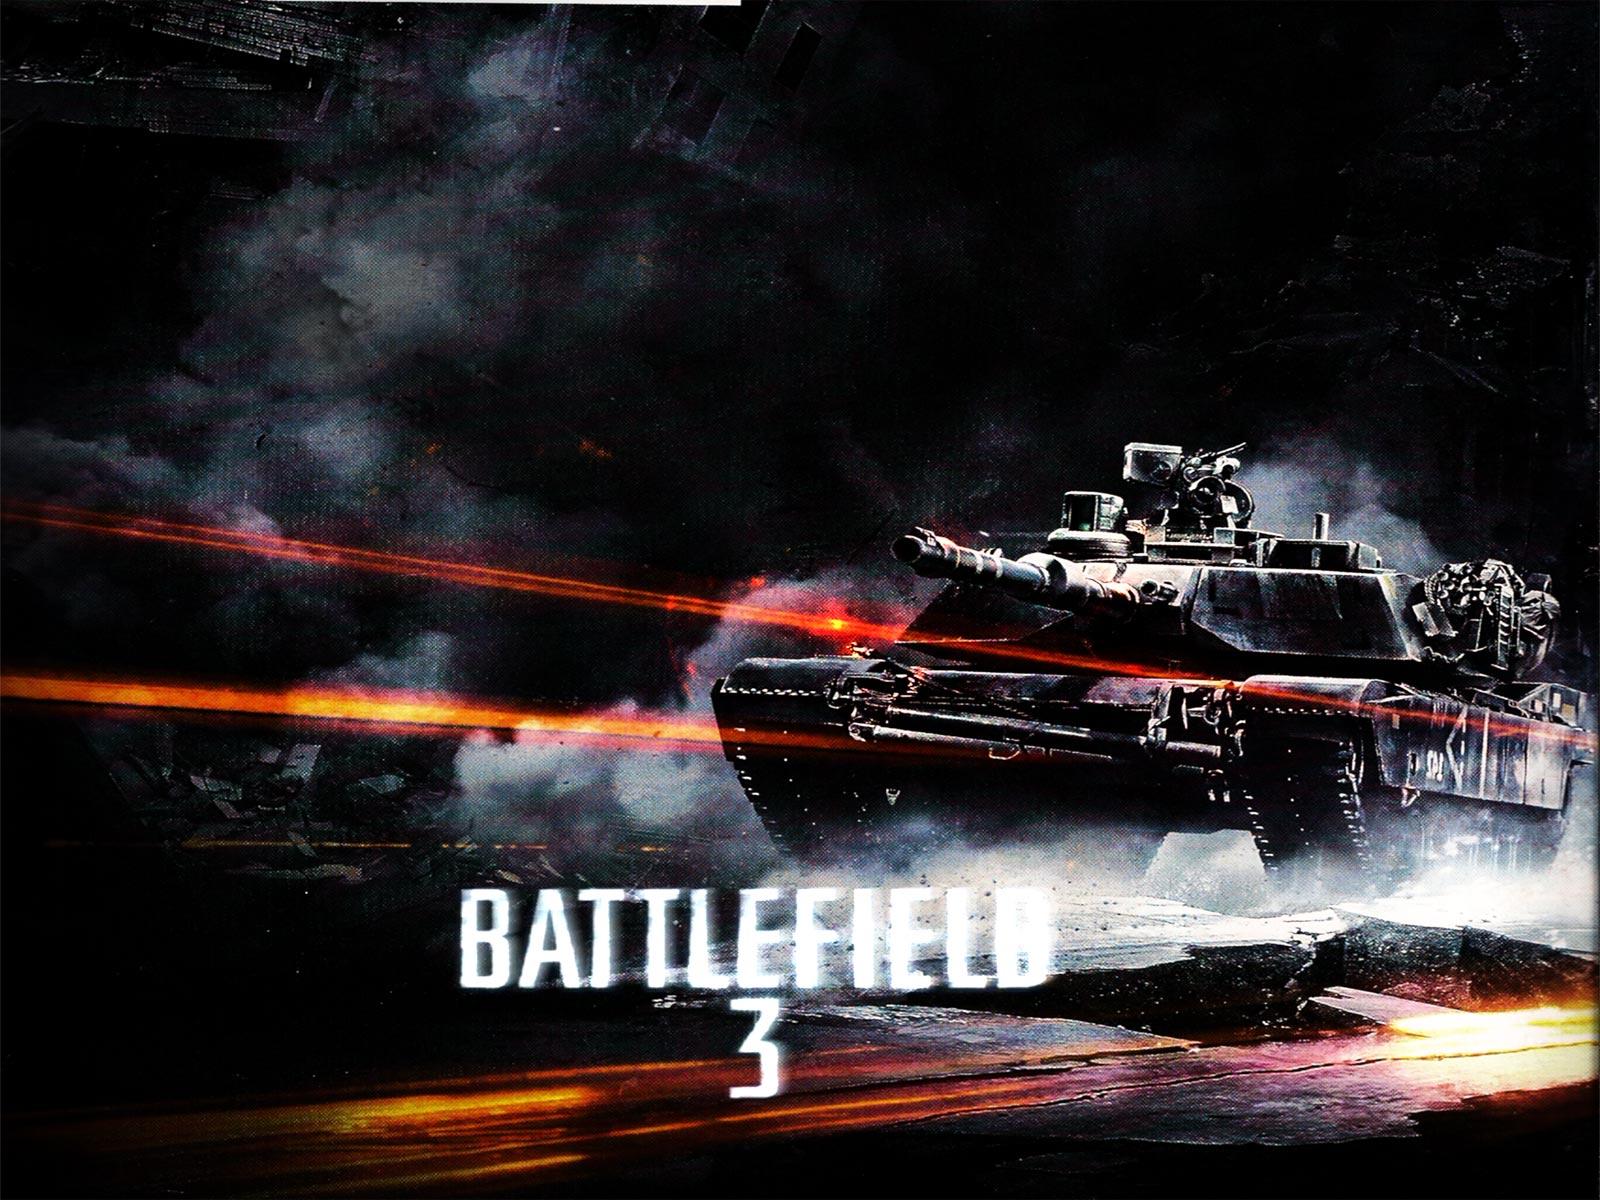 http://1.bp.blogspot.com/-Sn6Grjt7-9E/TrkUqeKkyvI/AAAAAAAABpQ/w_rKRVK8nns/s1600/Battlefield-3-Tank-Wallpaper.jpg